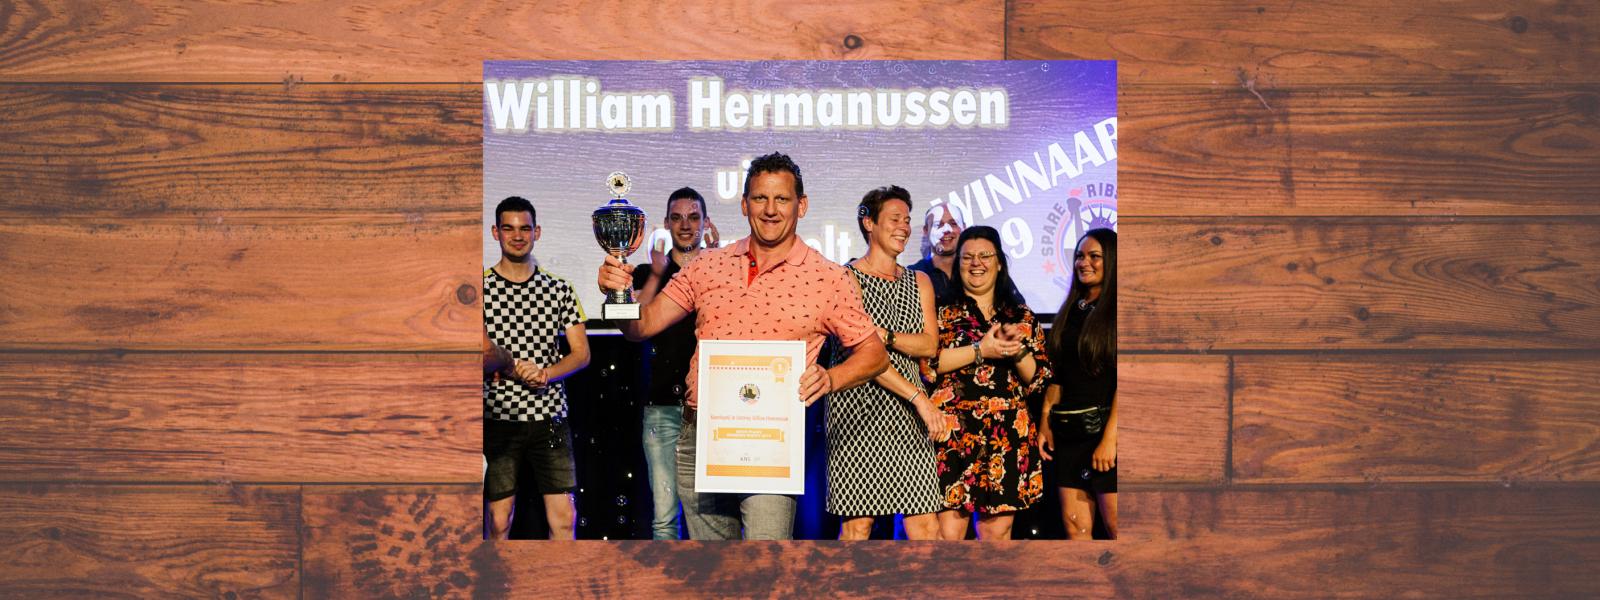 Slagerij William Hermanussen heeft de lekkkerste spareribs van Nederland